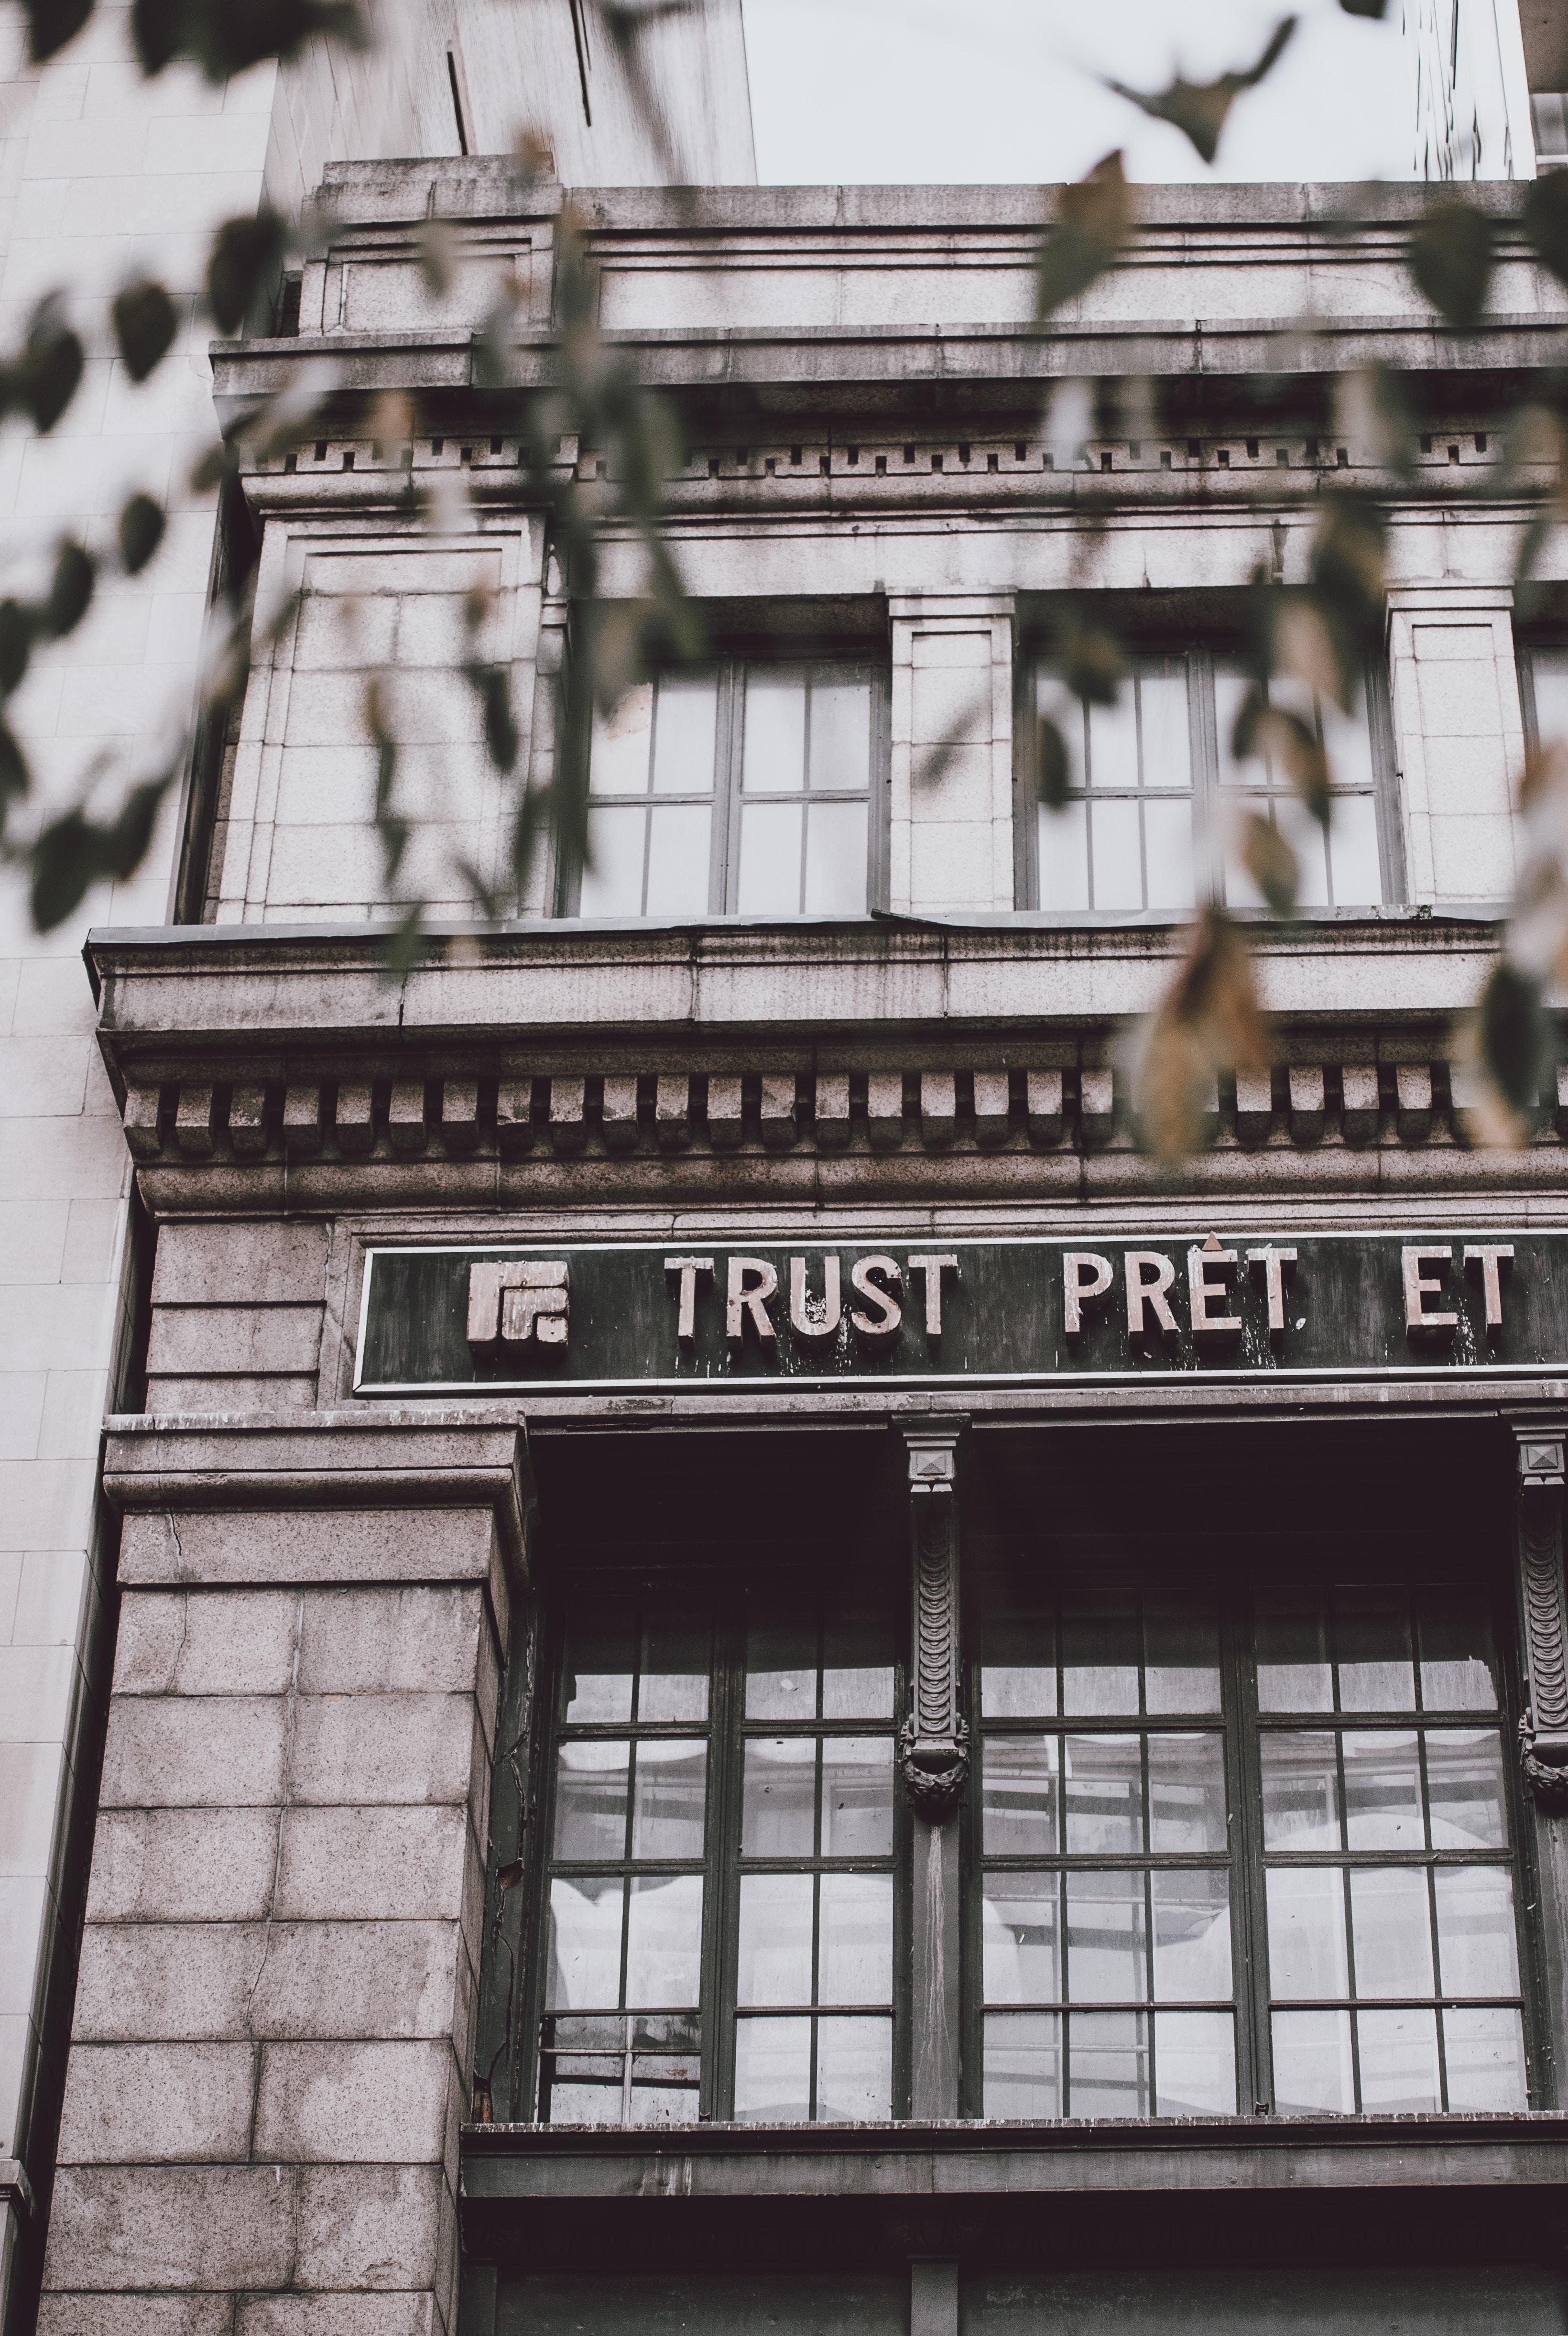 Trust Pret Et building